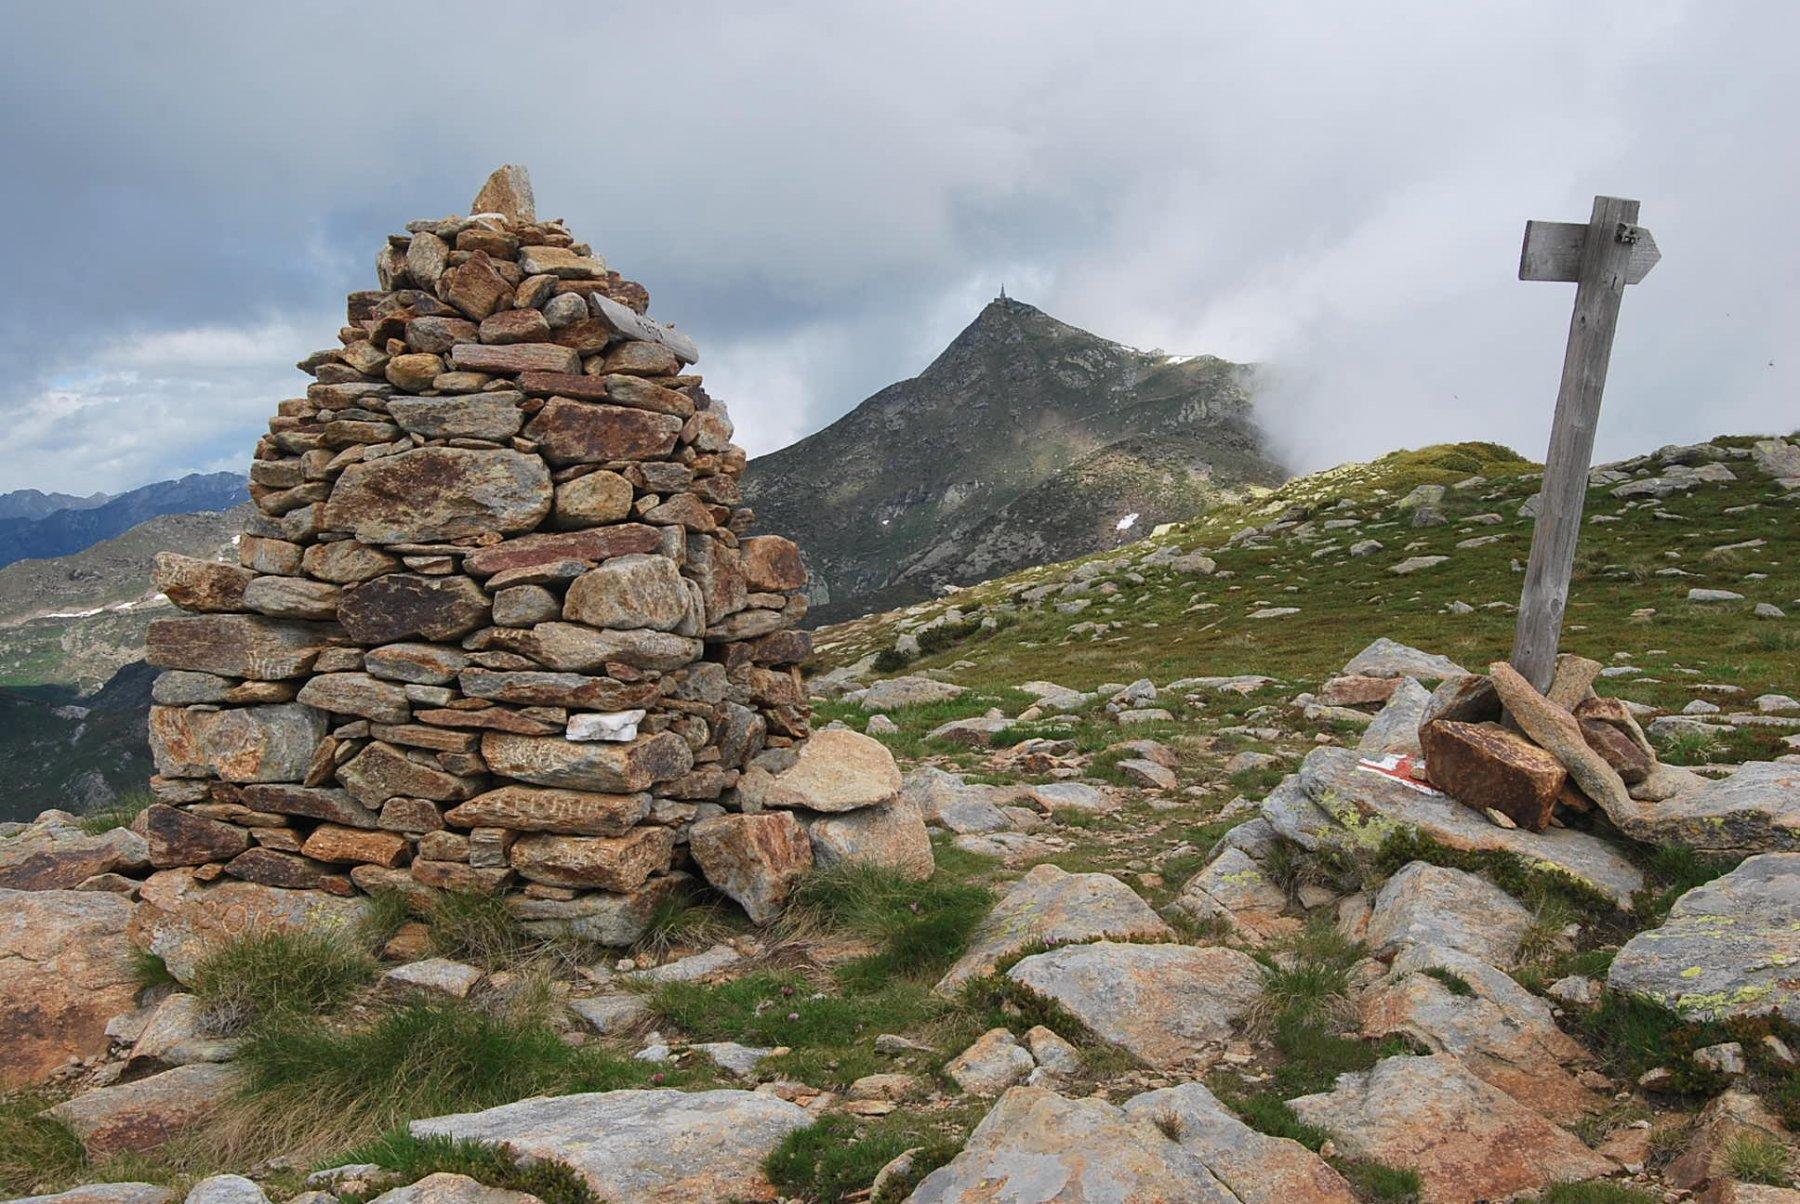 Sul monte La Torretta